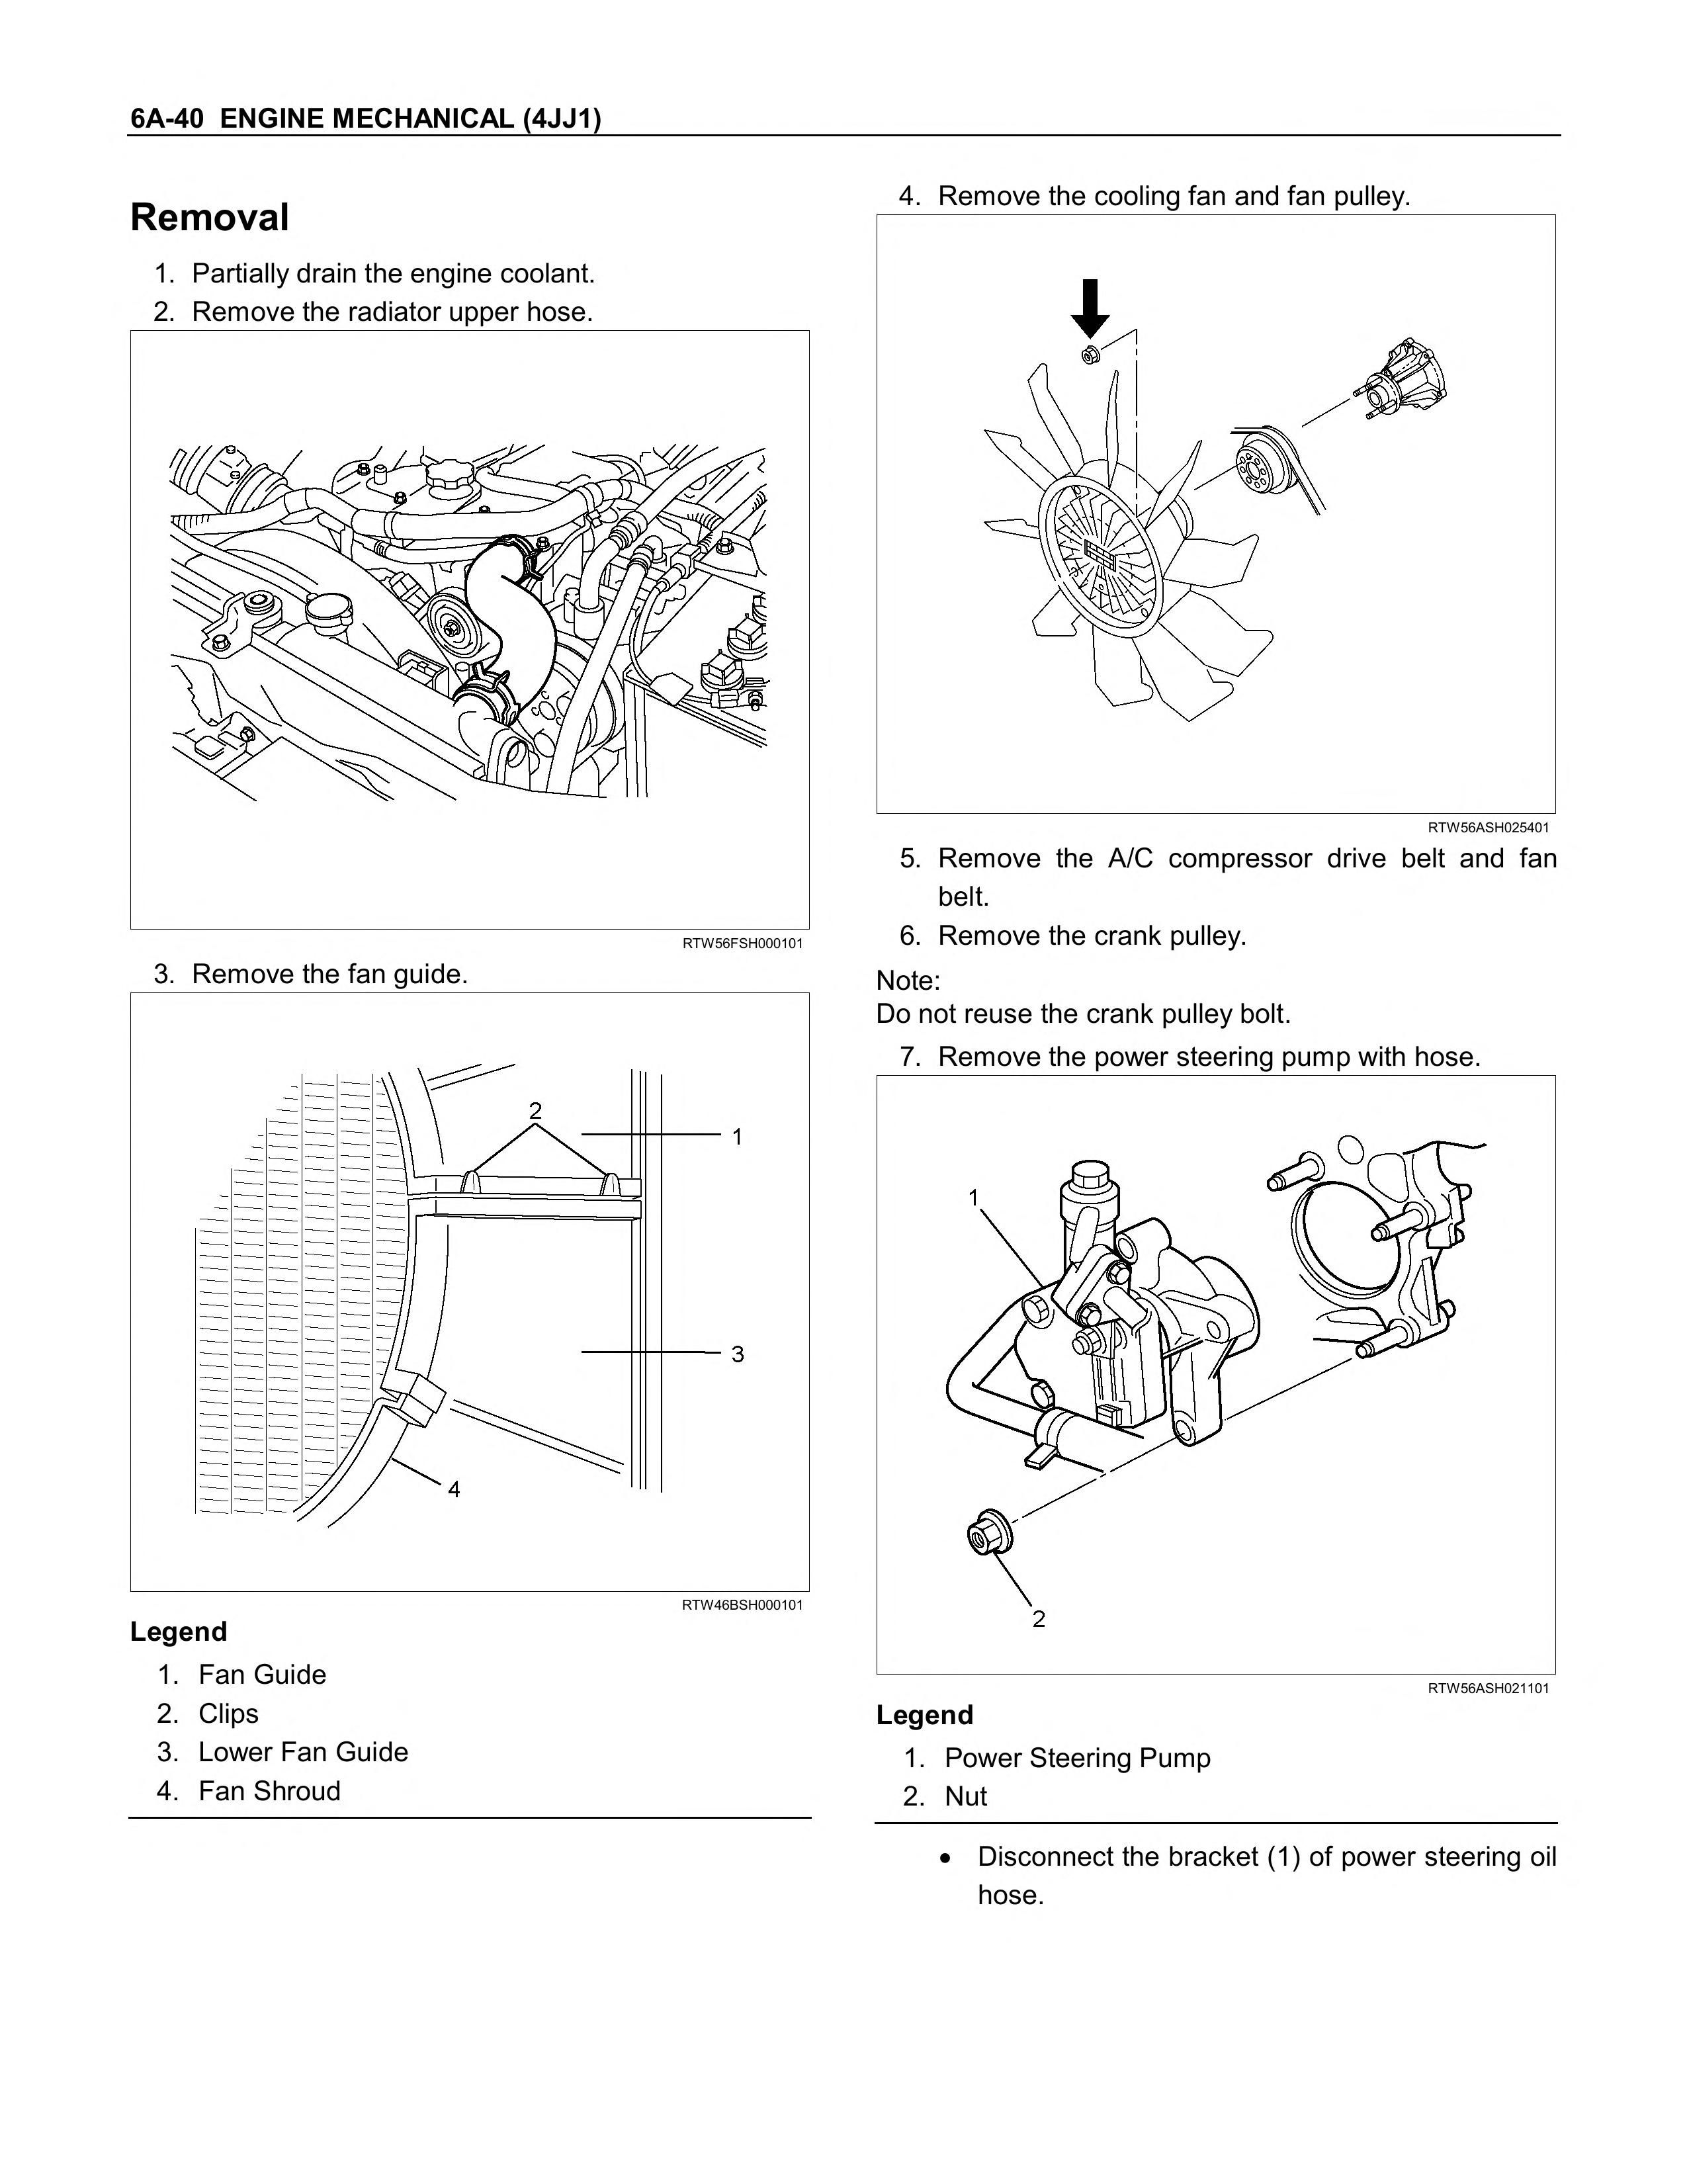 ISUZU D-MAX 2011 4JJ1 ENGINE SERVICE MANUAL.pdf (PDFy